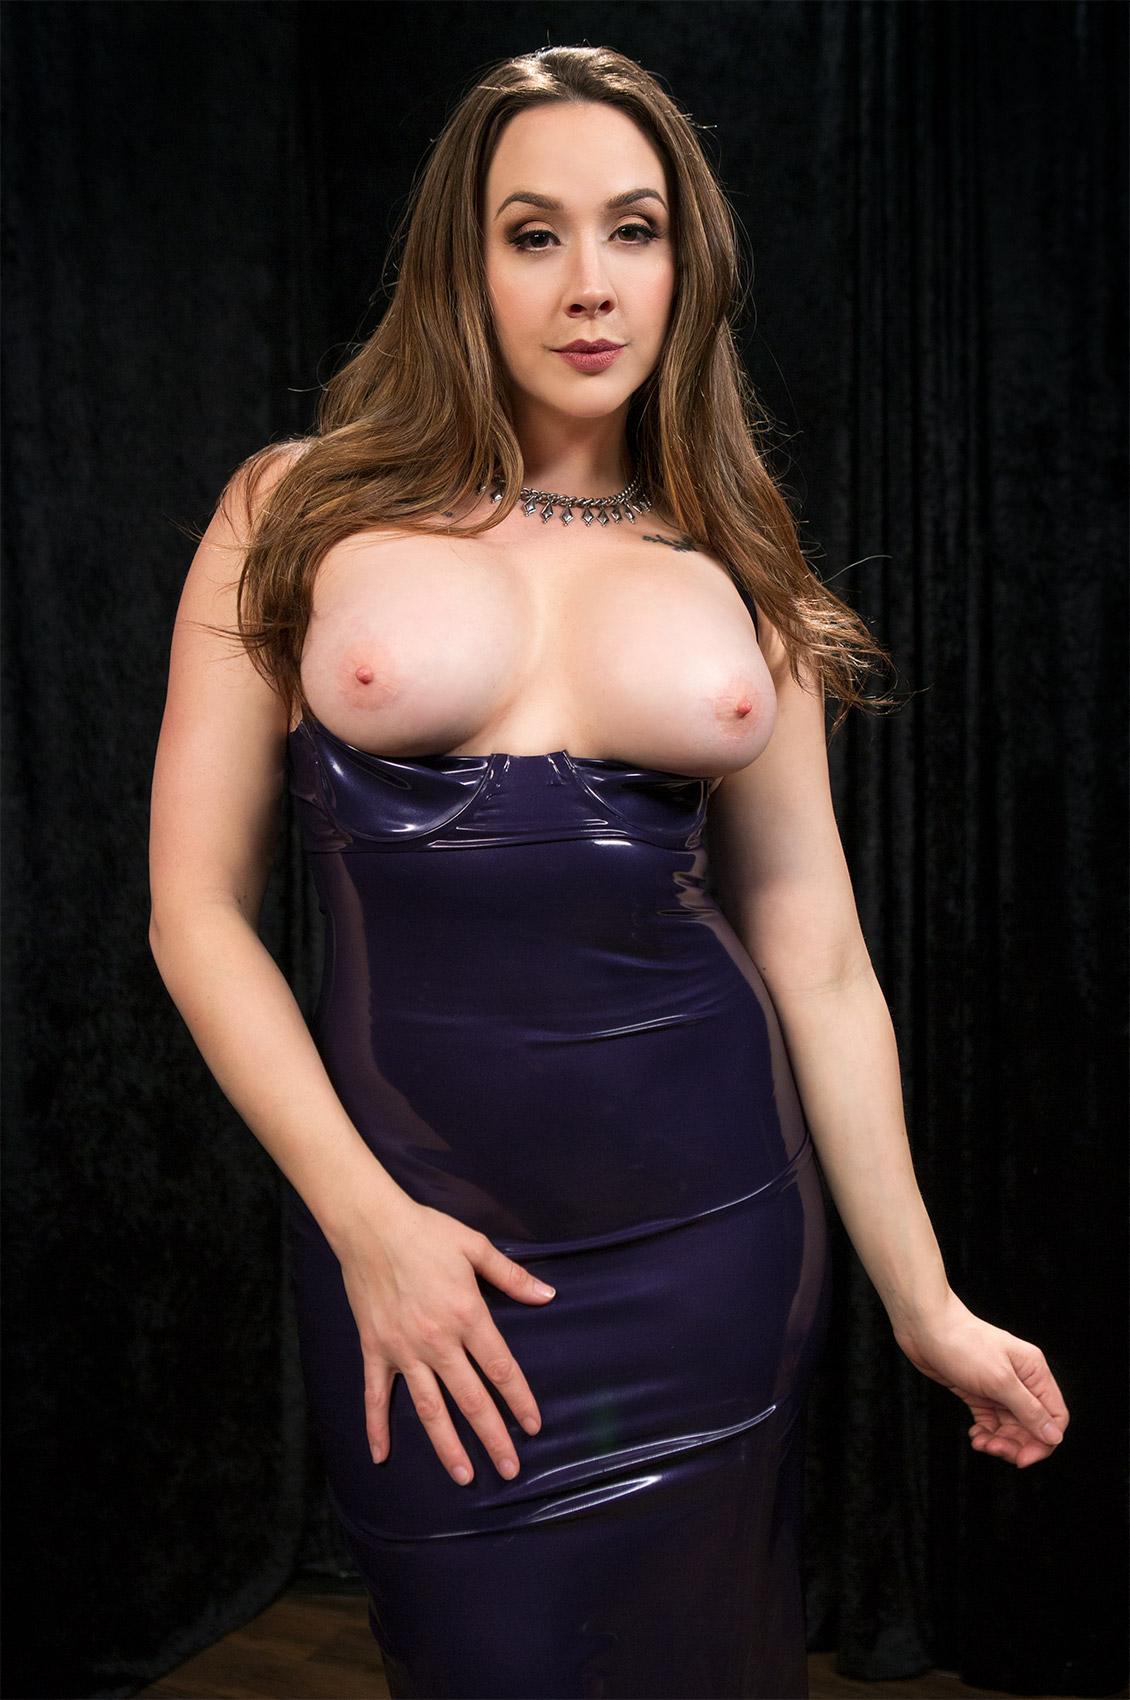 Chanel Preston's VR Porn Videos, Bio & Free Nude Pics